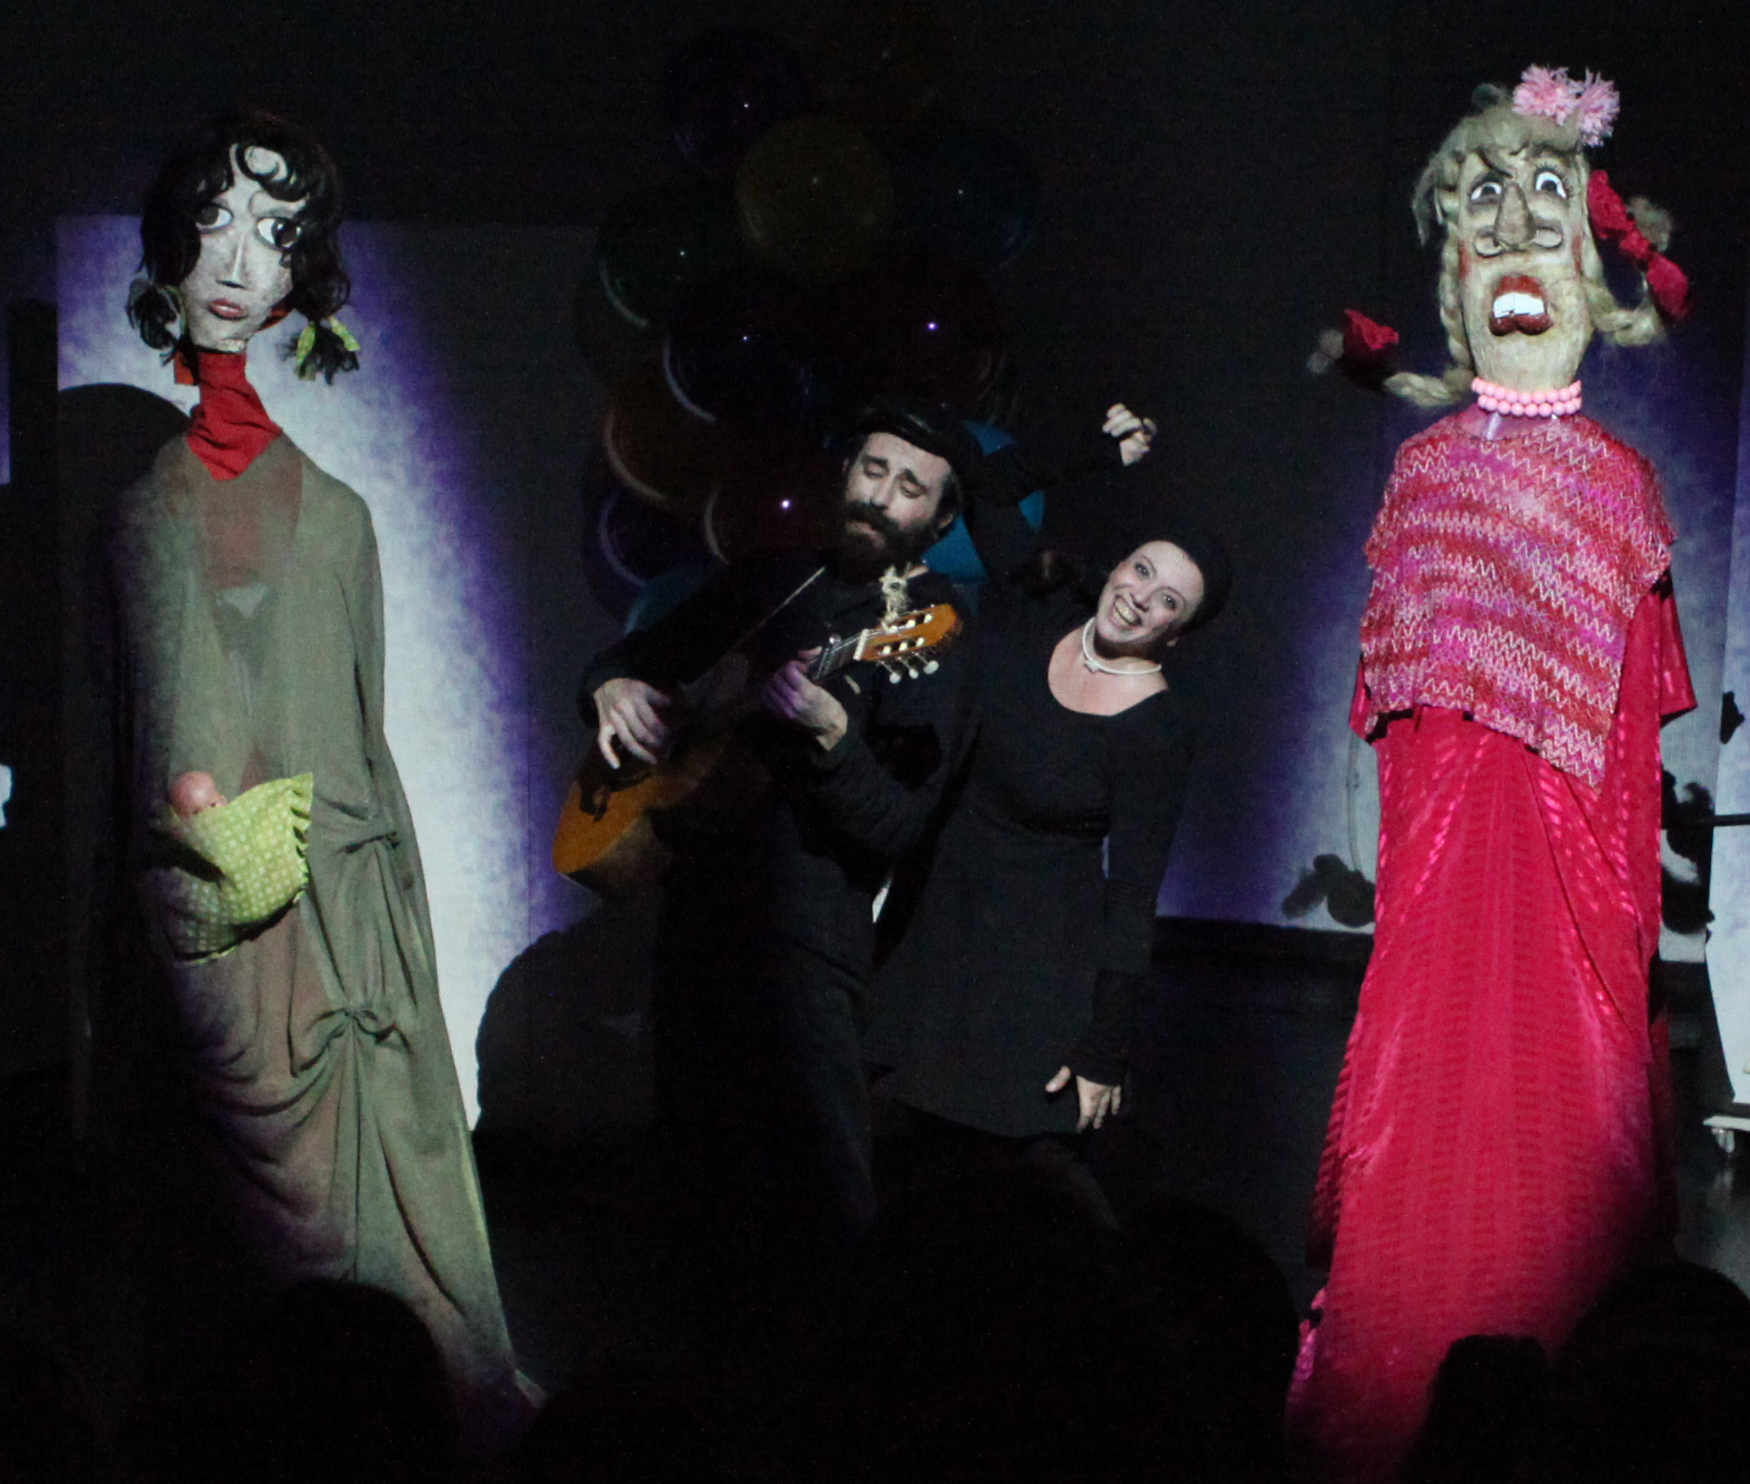 Τo alterthess.gr πάει θέατρο… στον «Ρομπέν των δασών» από τον κουκλοθίασο Redicolo